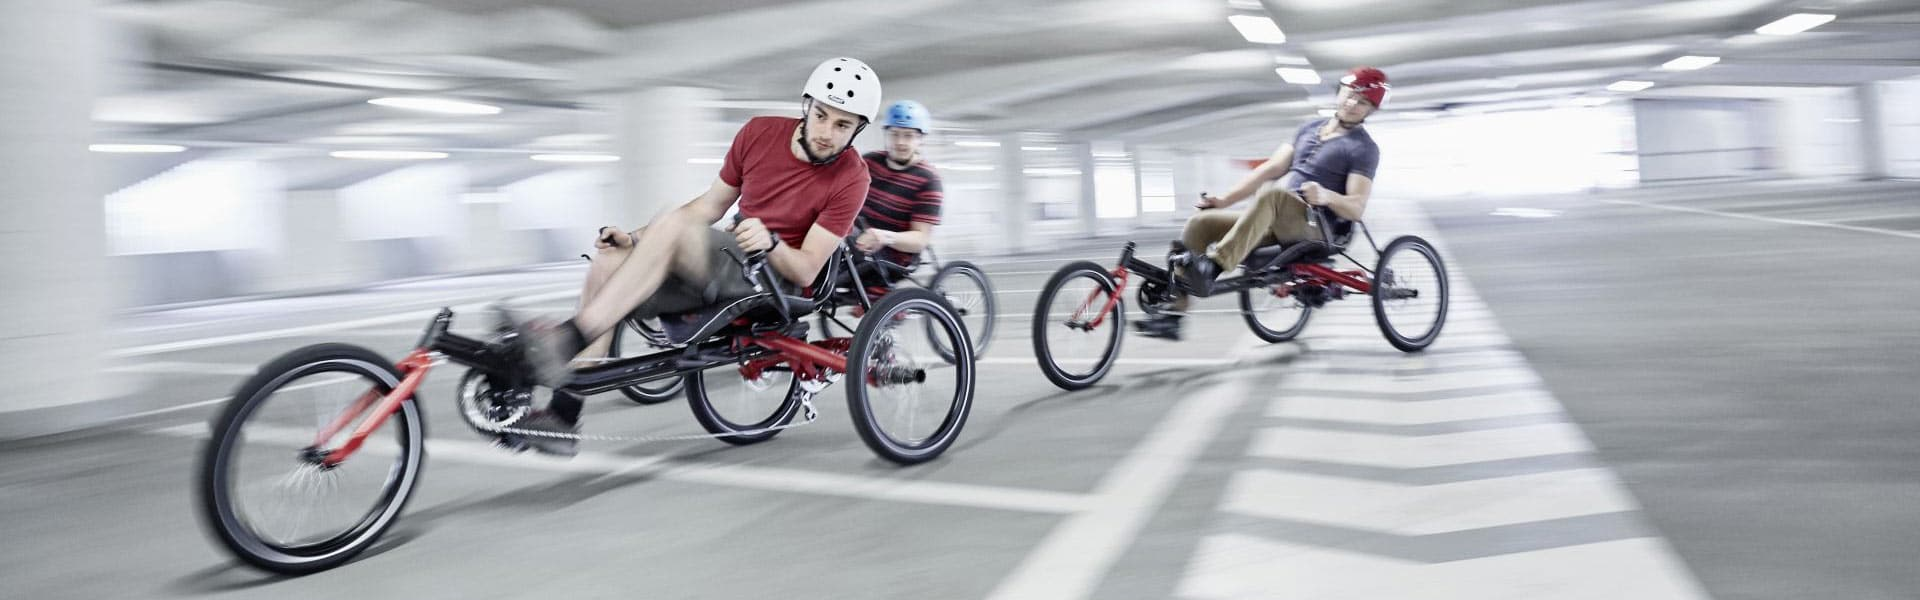 Drei Herren fahren auf Dreirädern von Hase Bikes